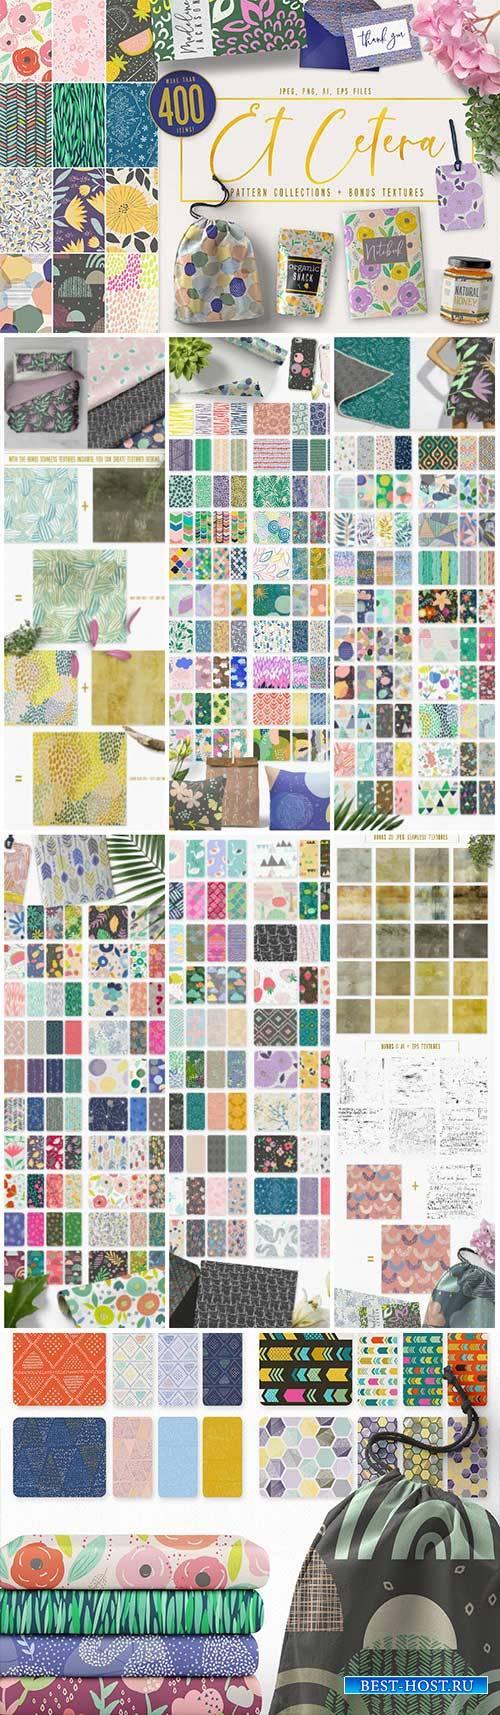 CM - Et Cetera Pattern Collections 2721763